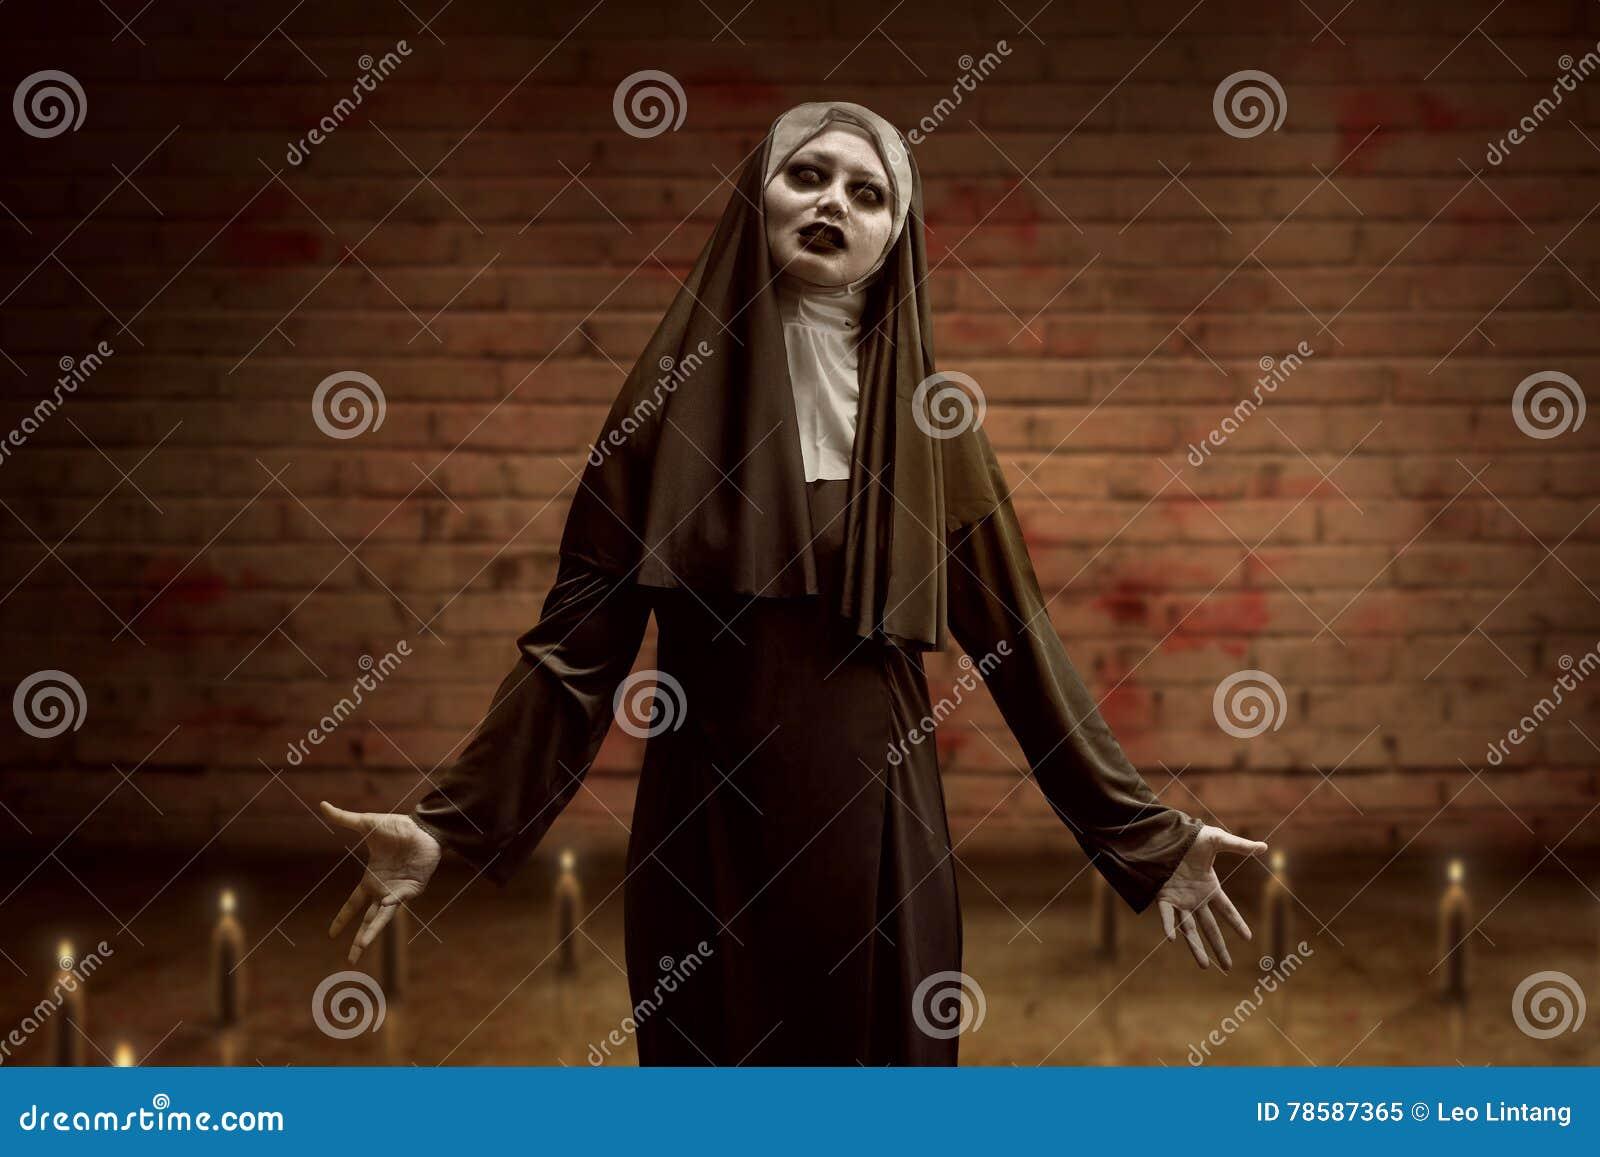 awful asian nun woman begin ritual inside a candle circle stock